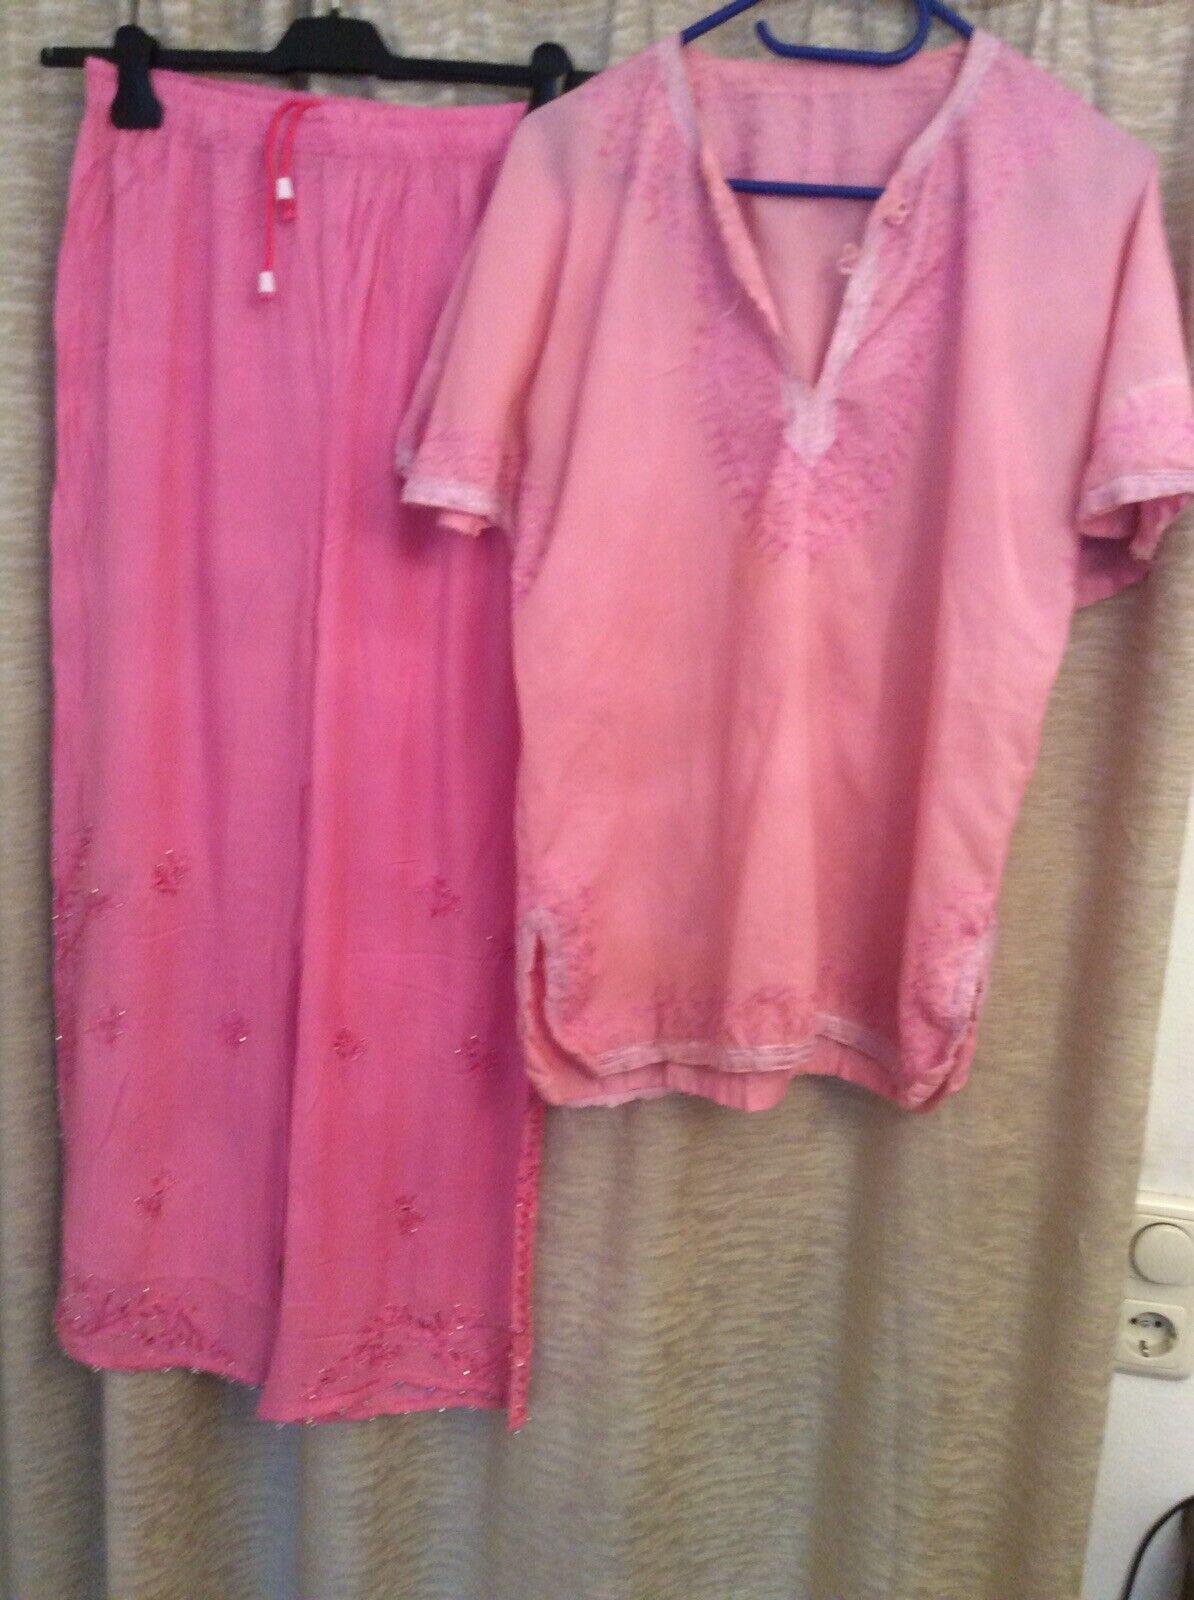 Indische Bekleidung Zum Reparieren, 2 Teile, Rosa